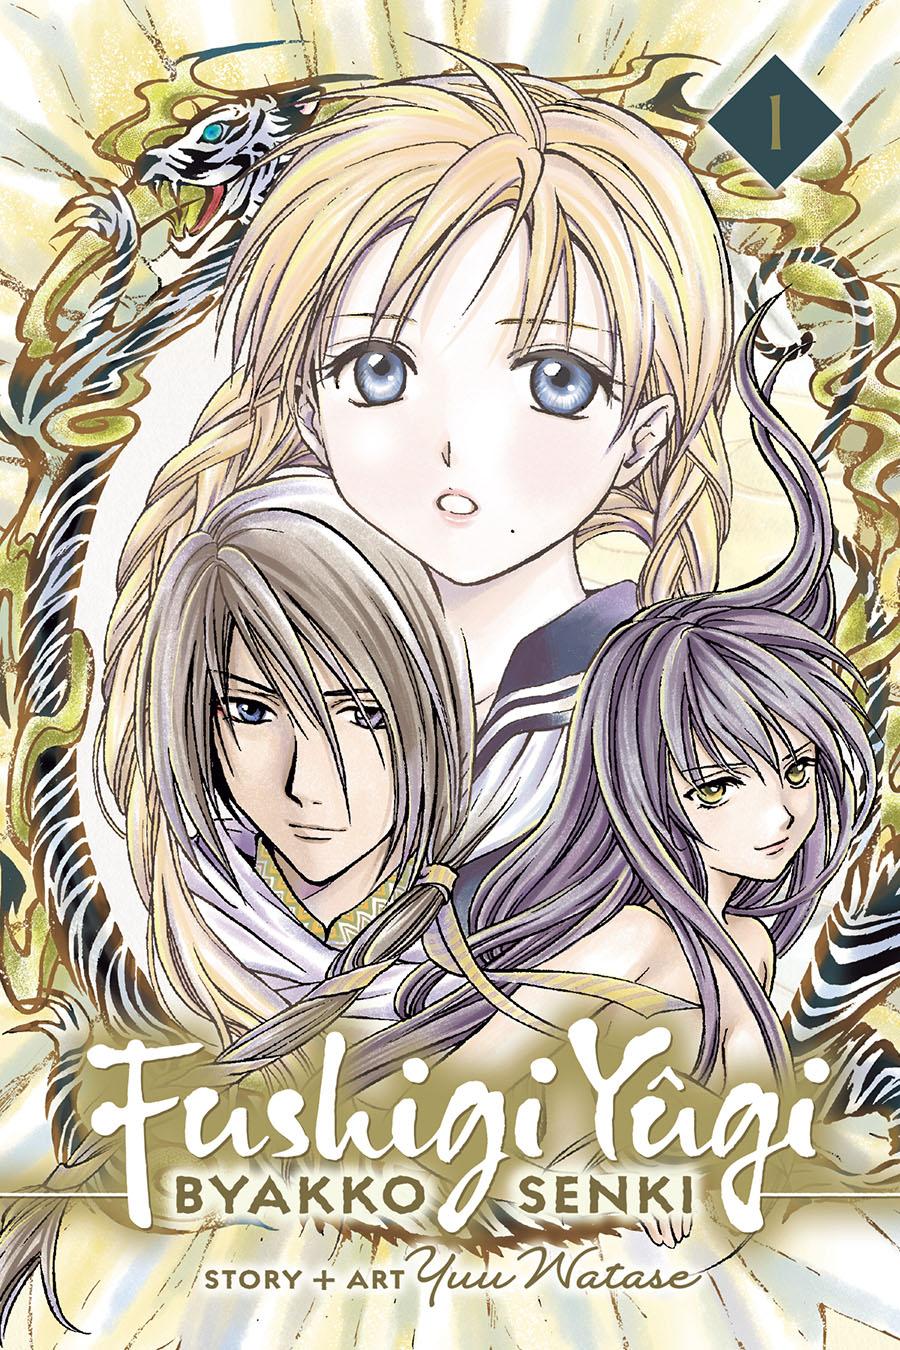 Fushigi Yugi Byakko Senki Vol 1 GN